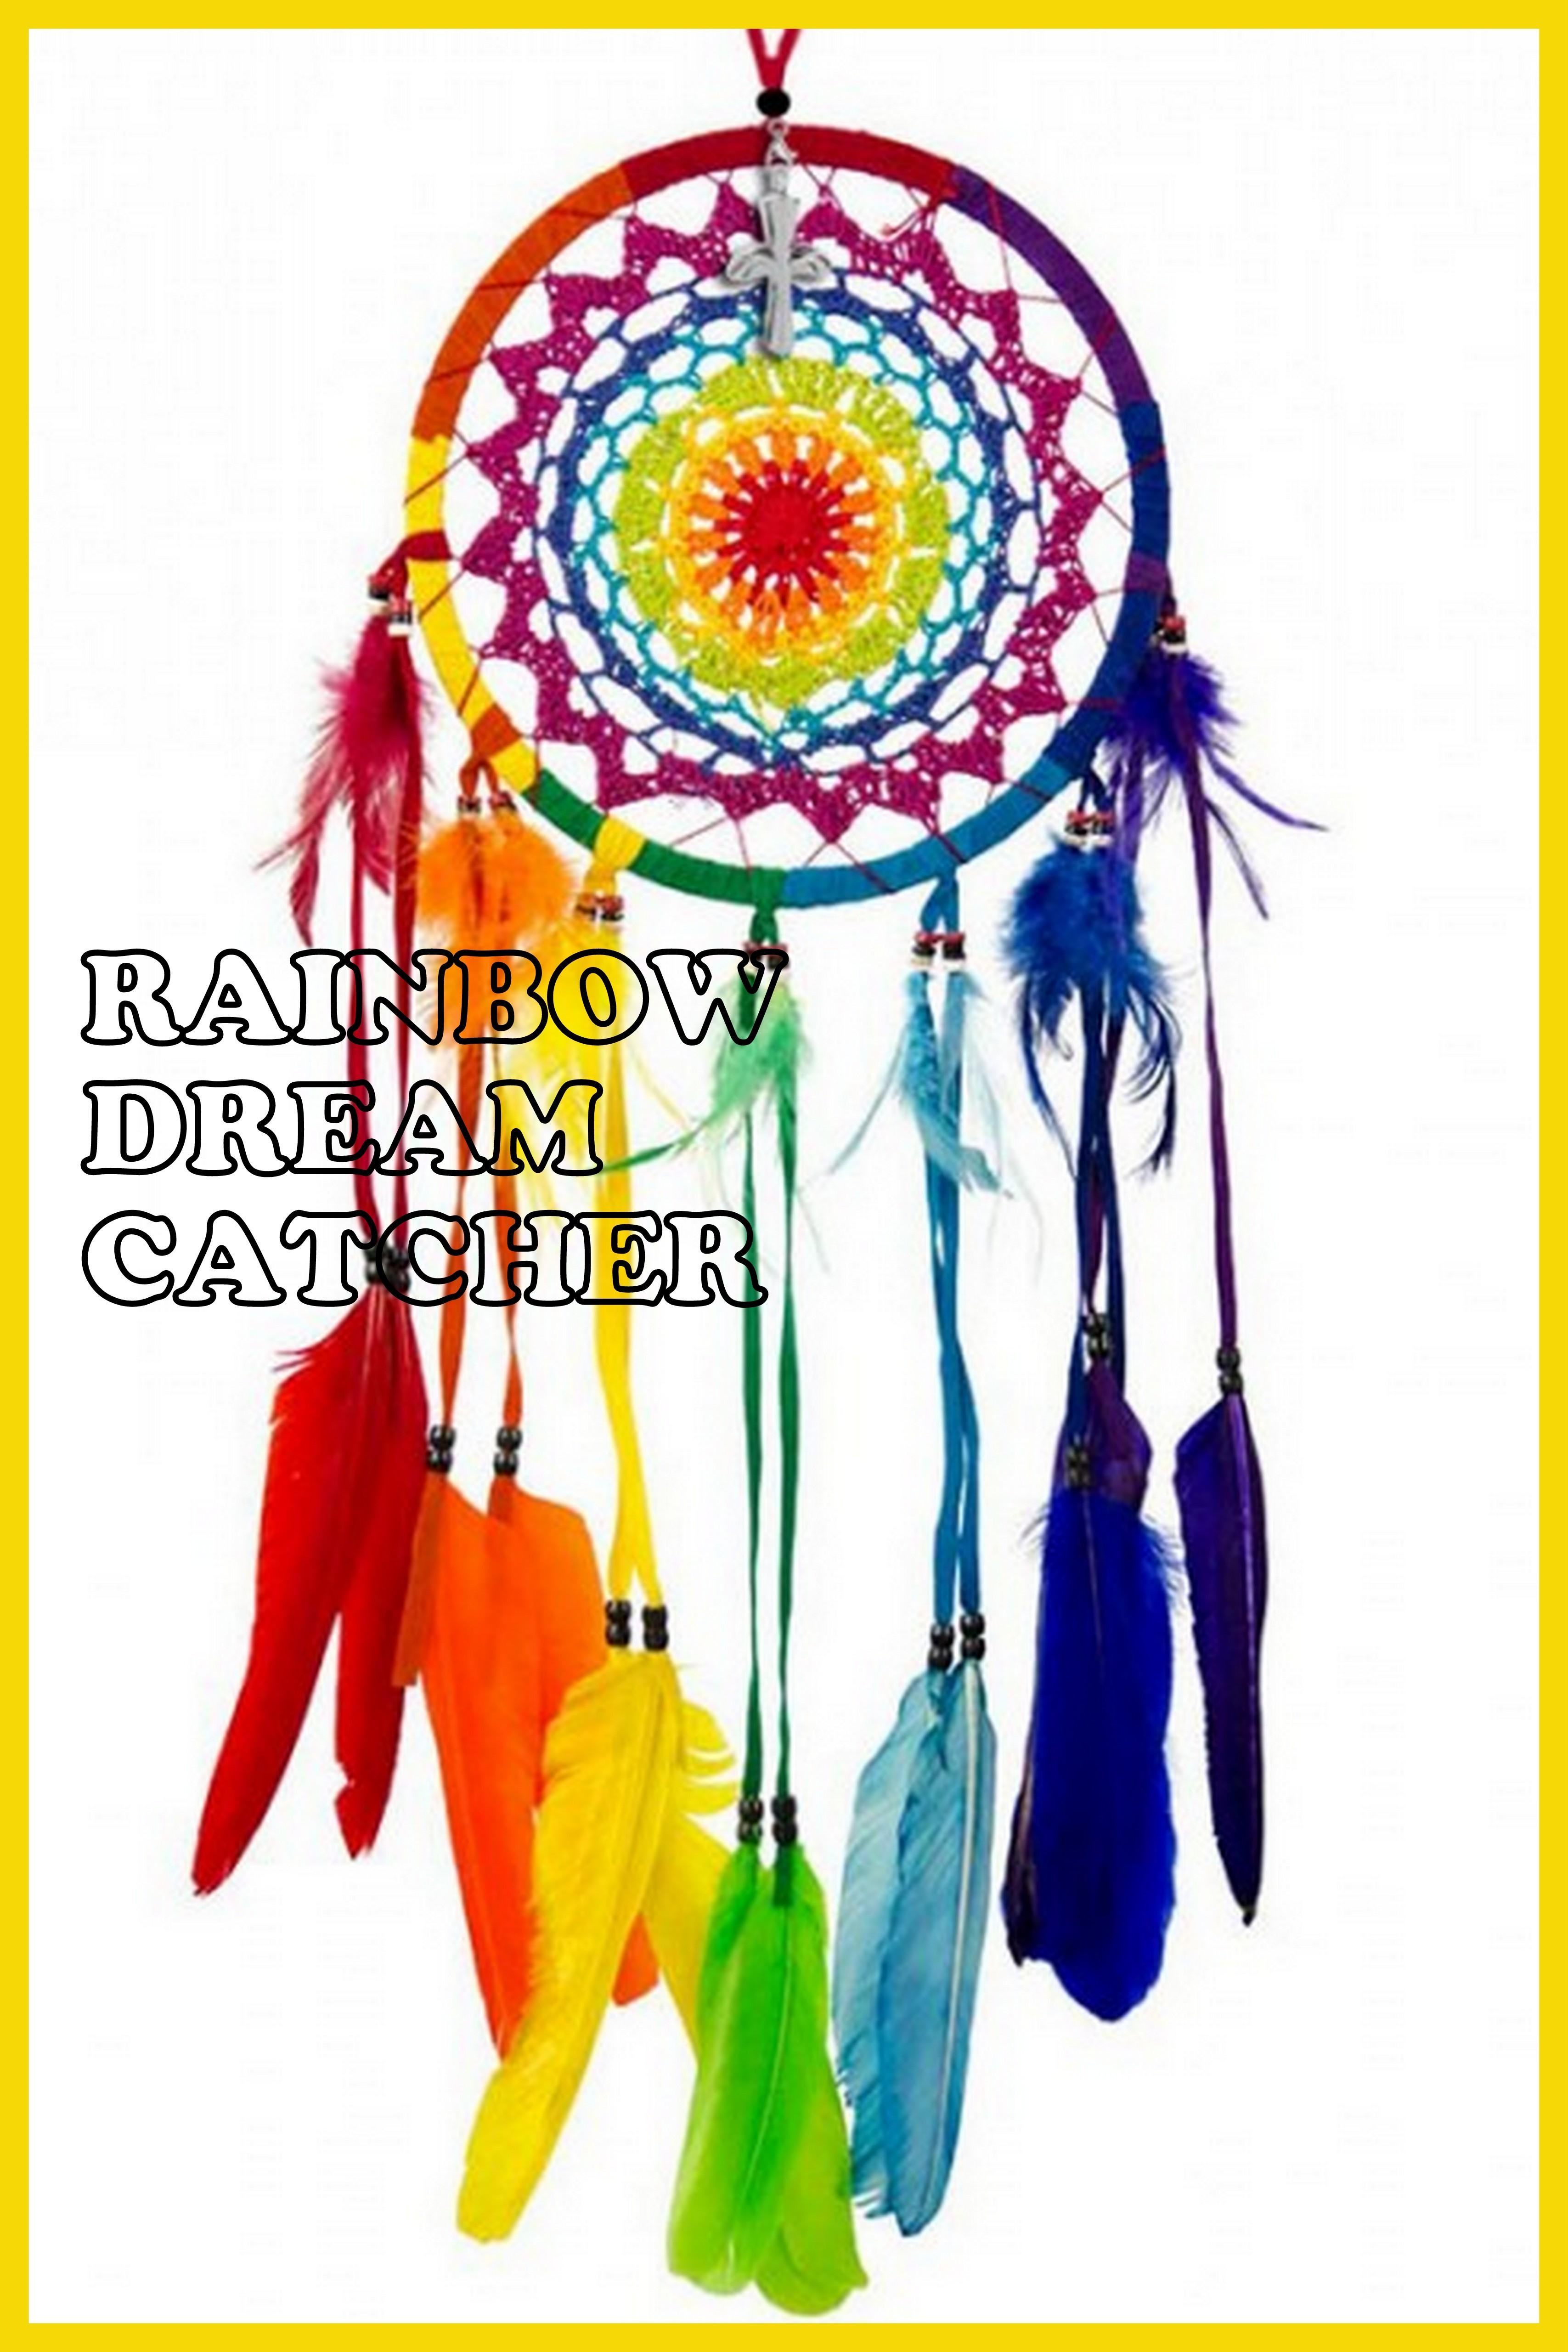 Rainbow Dream Catcher Patterns And Tutorials